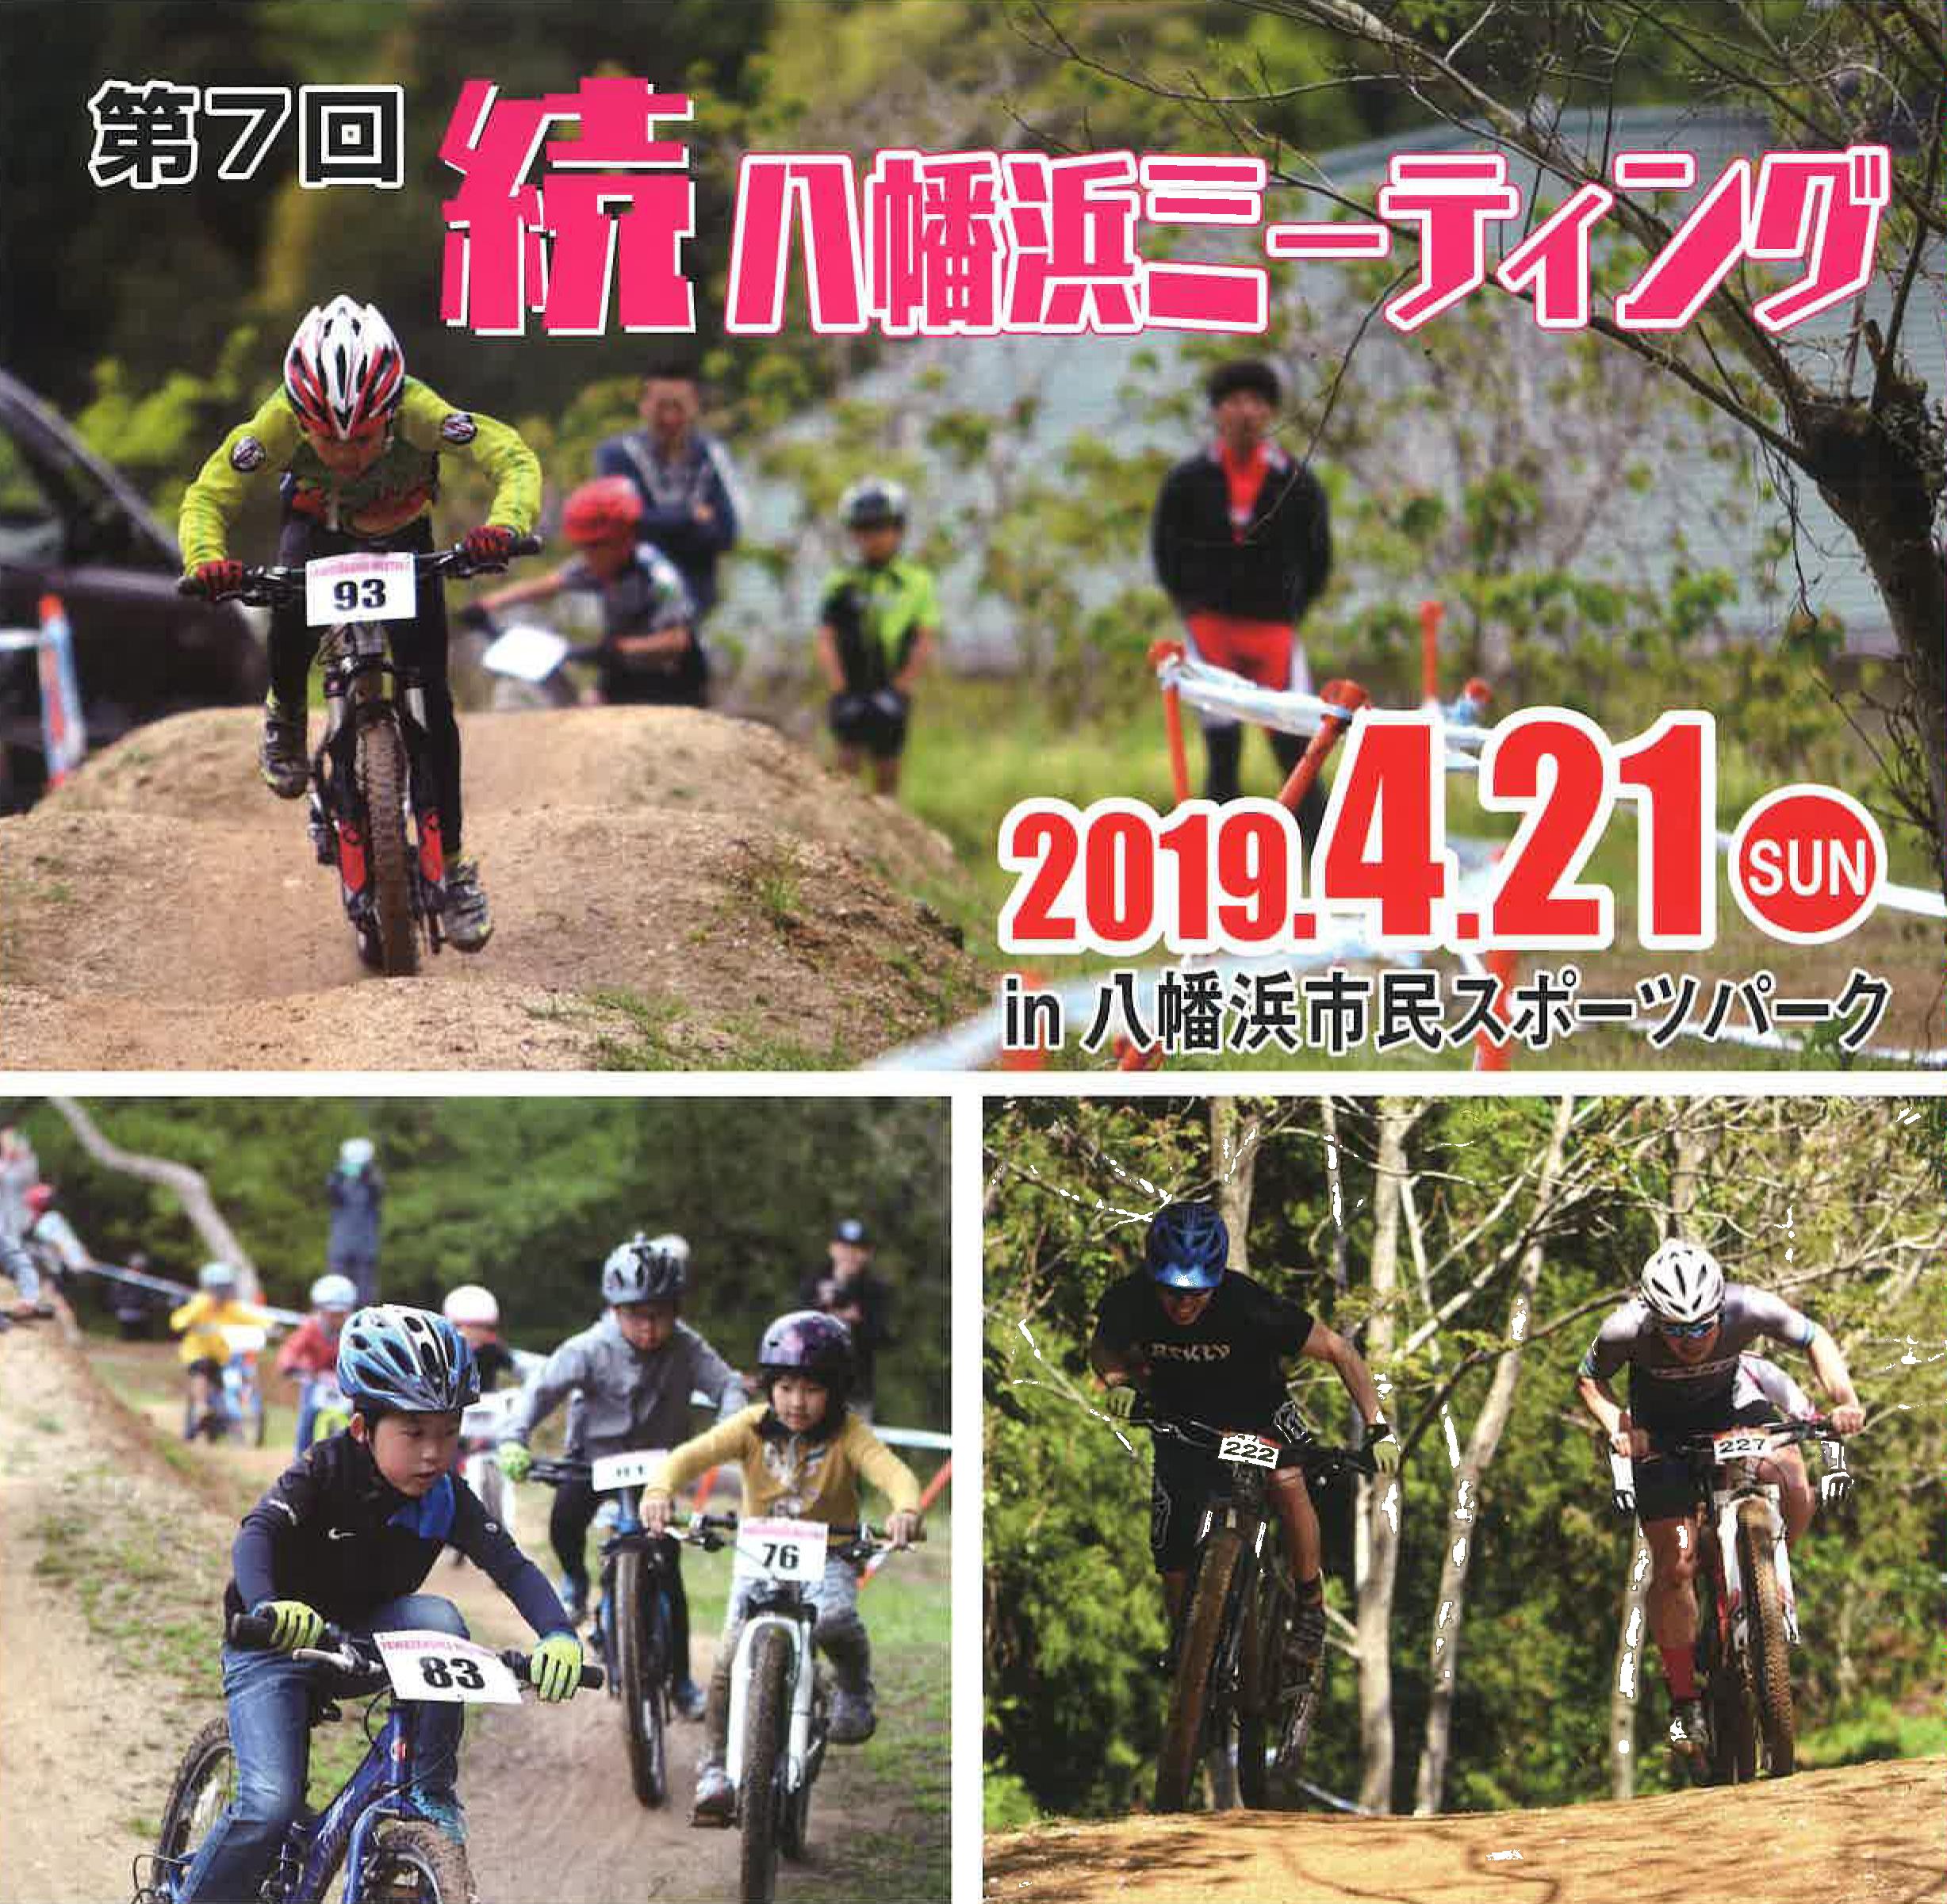 01続・八幡浜ミーティング